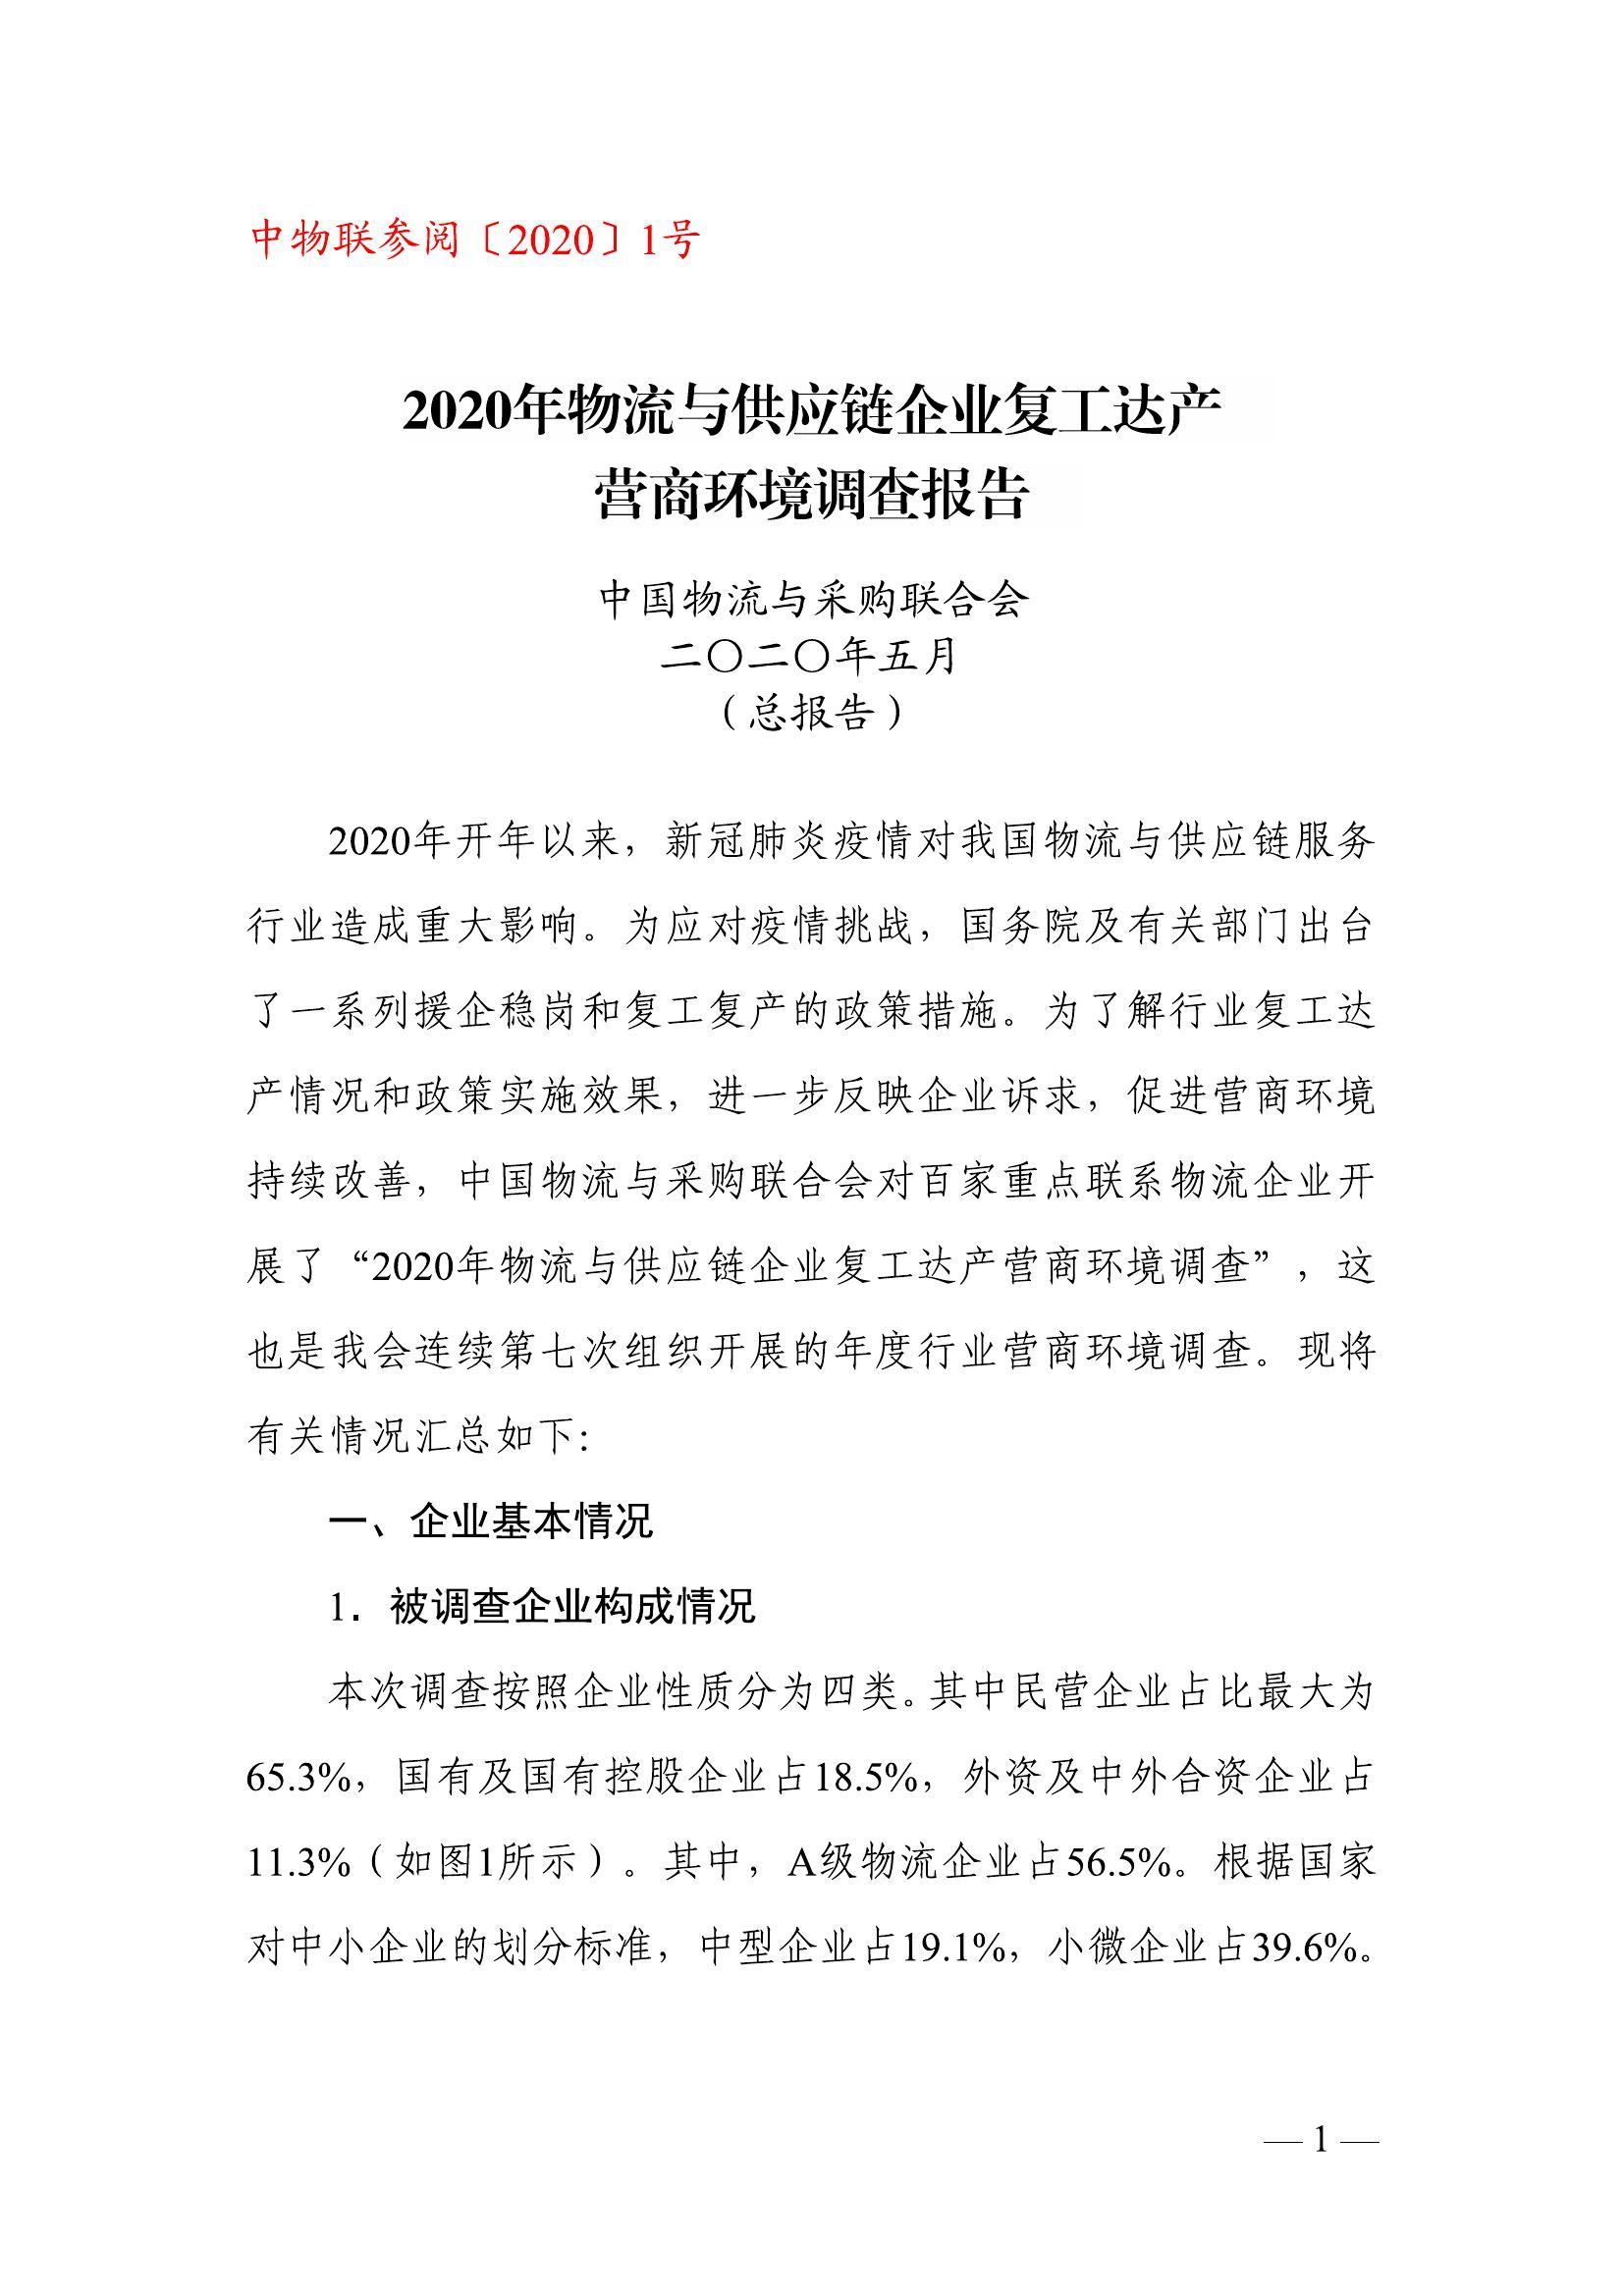 中国物流与采购联合会:2020年物流与供应链企业复工达产营商环境调查报告(附下载)